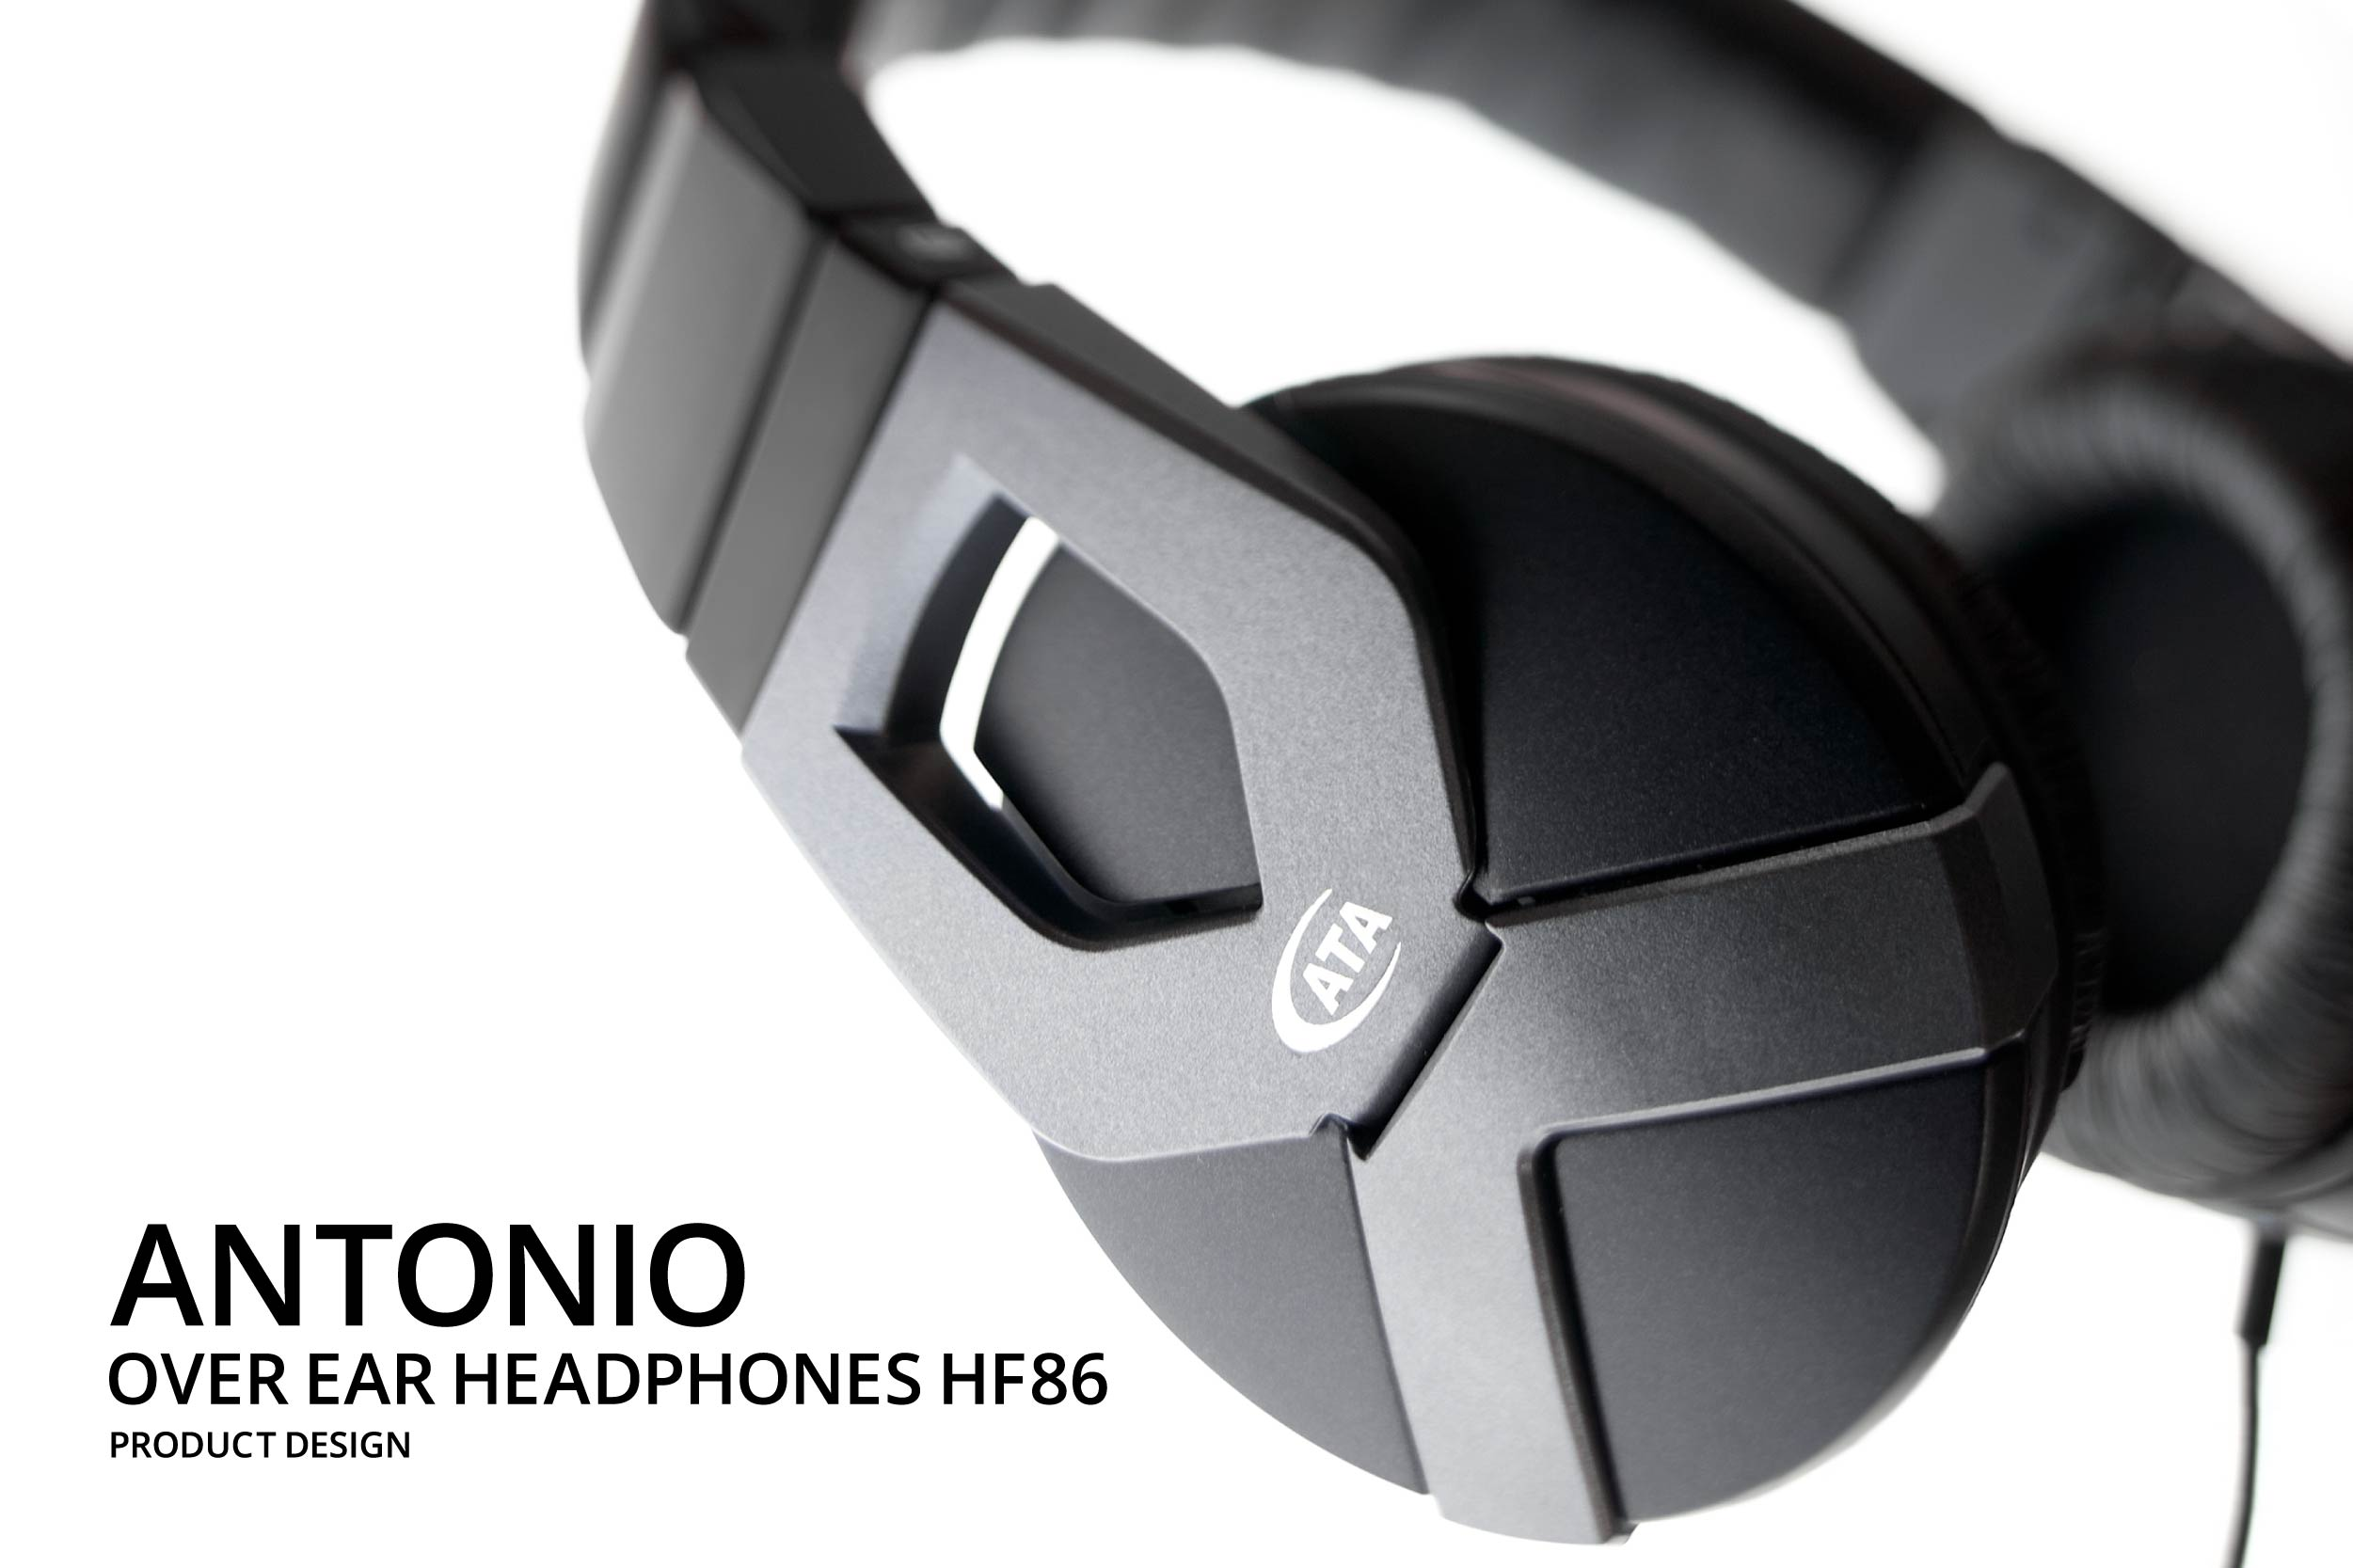 ANTONIO-HF86-1